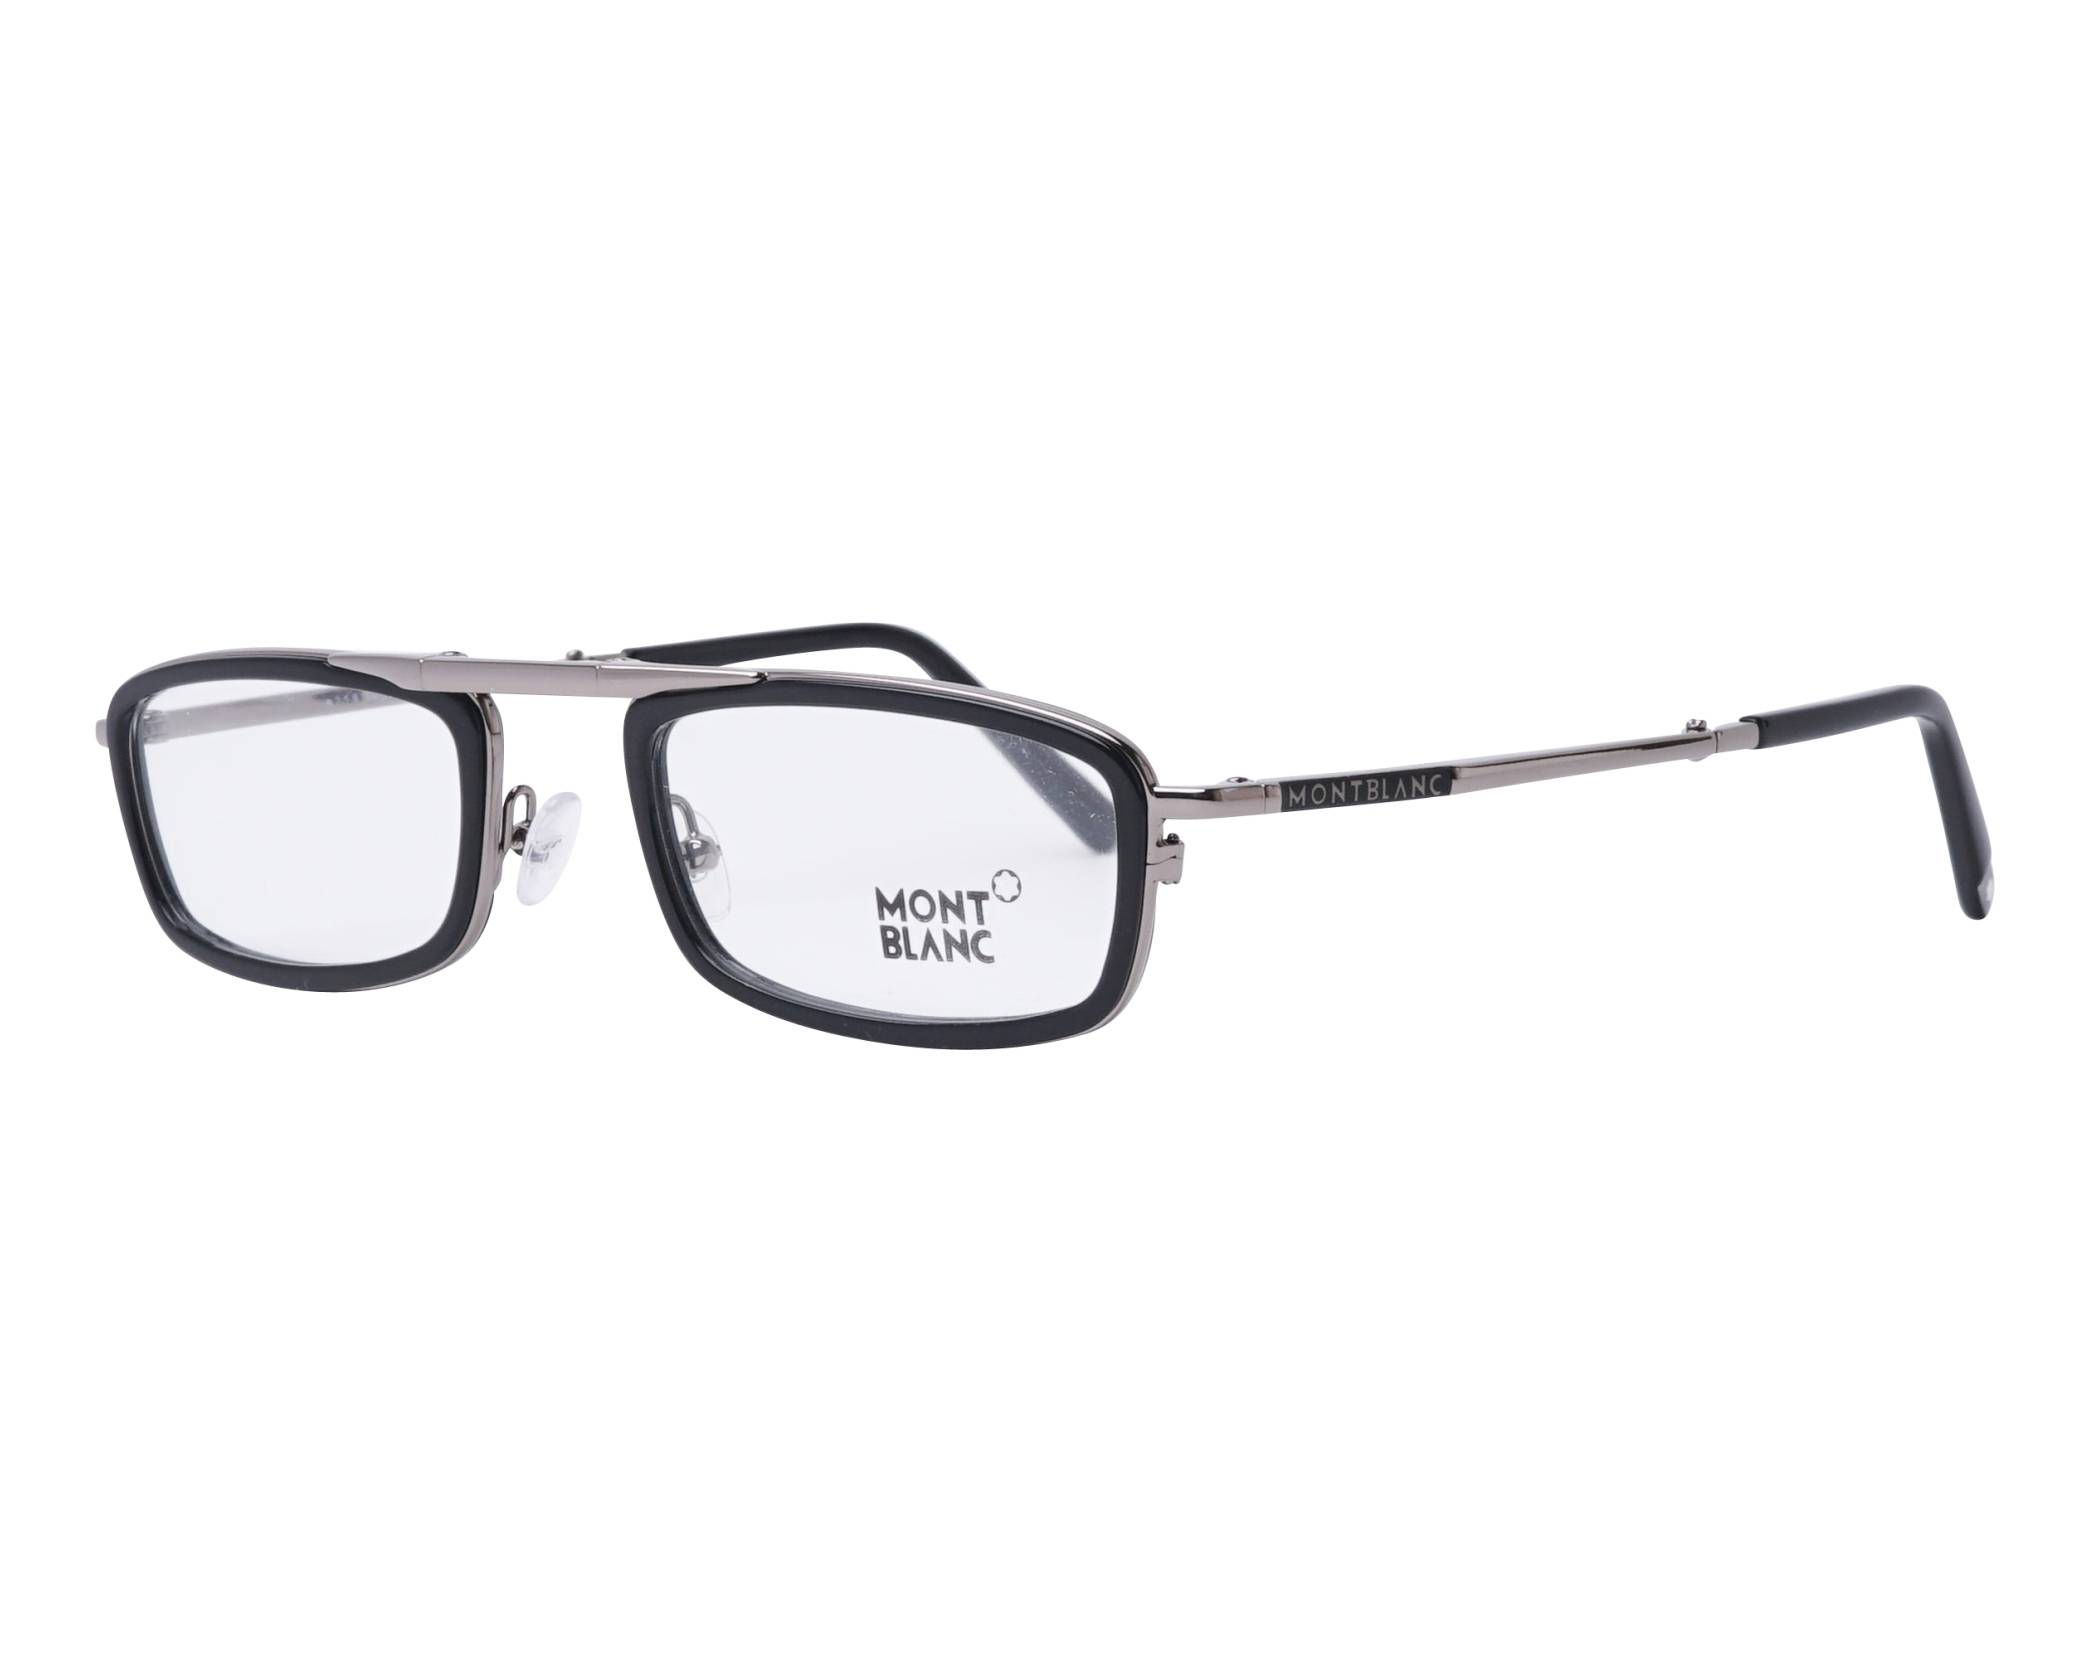 8e22c19113 Gafas Graduadas Mont Blanc MB-0682 001 53-22 Negra Ruthenium vista de perfil